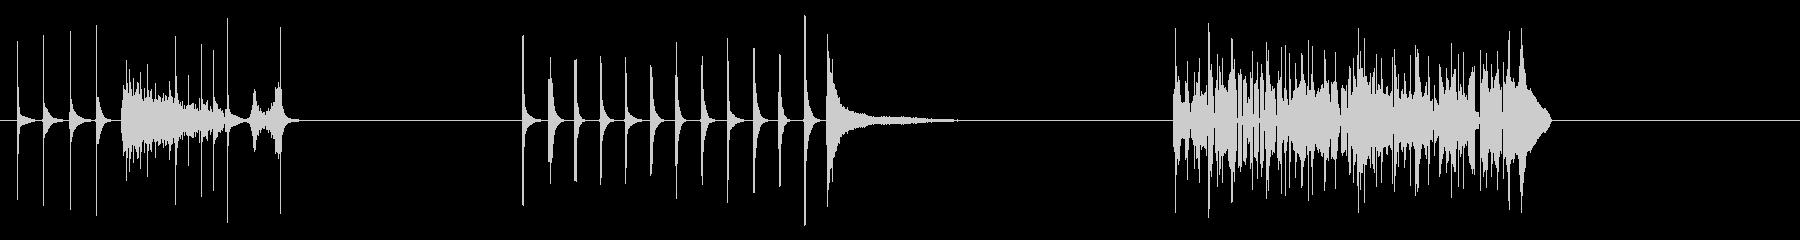 漫画マリンバの未再生の波形